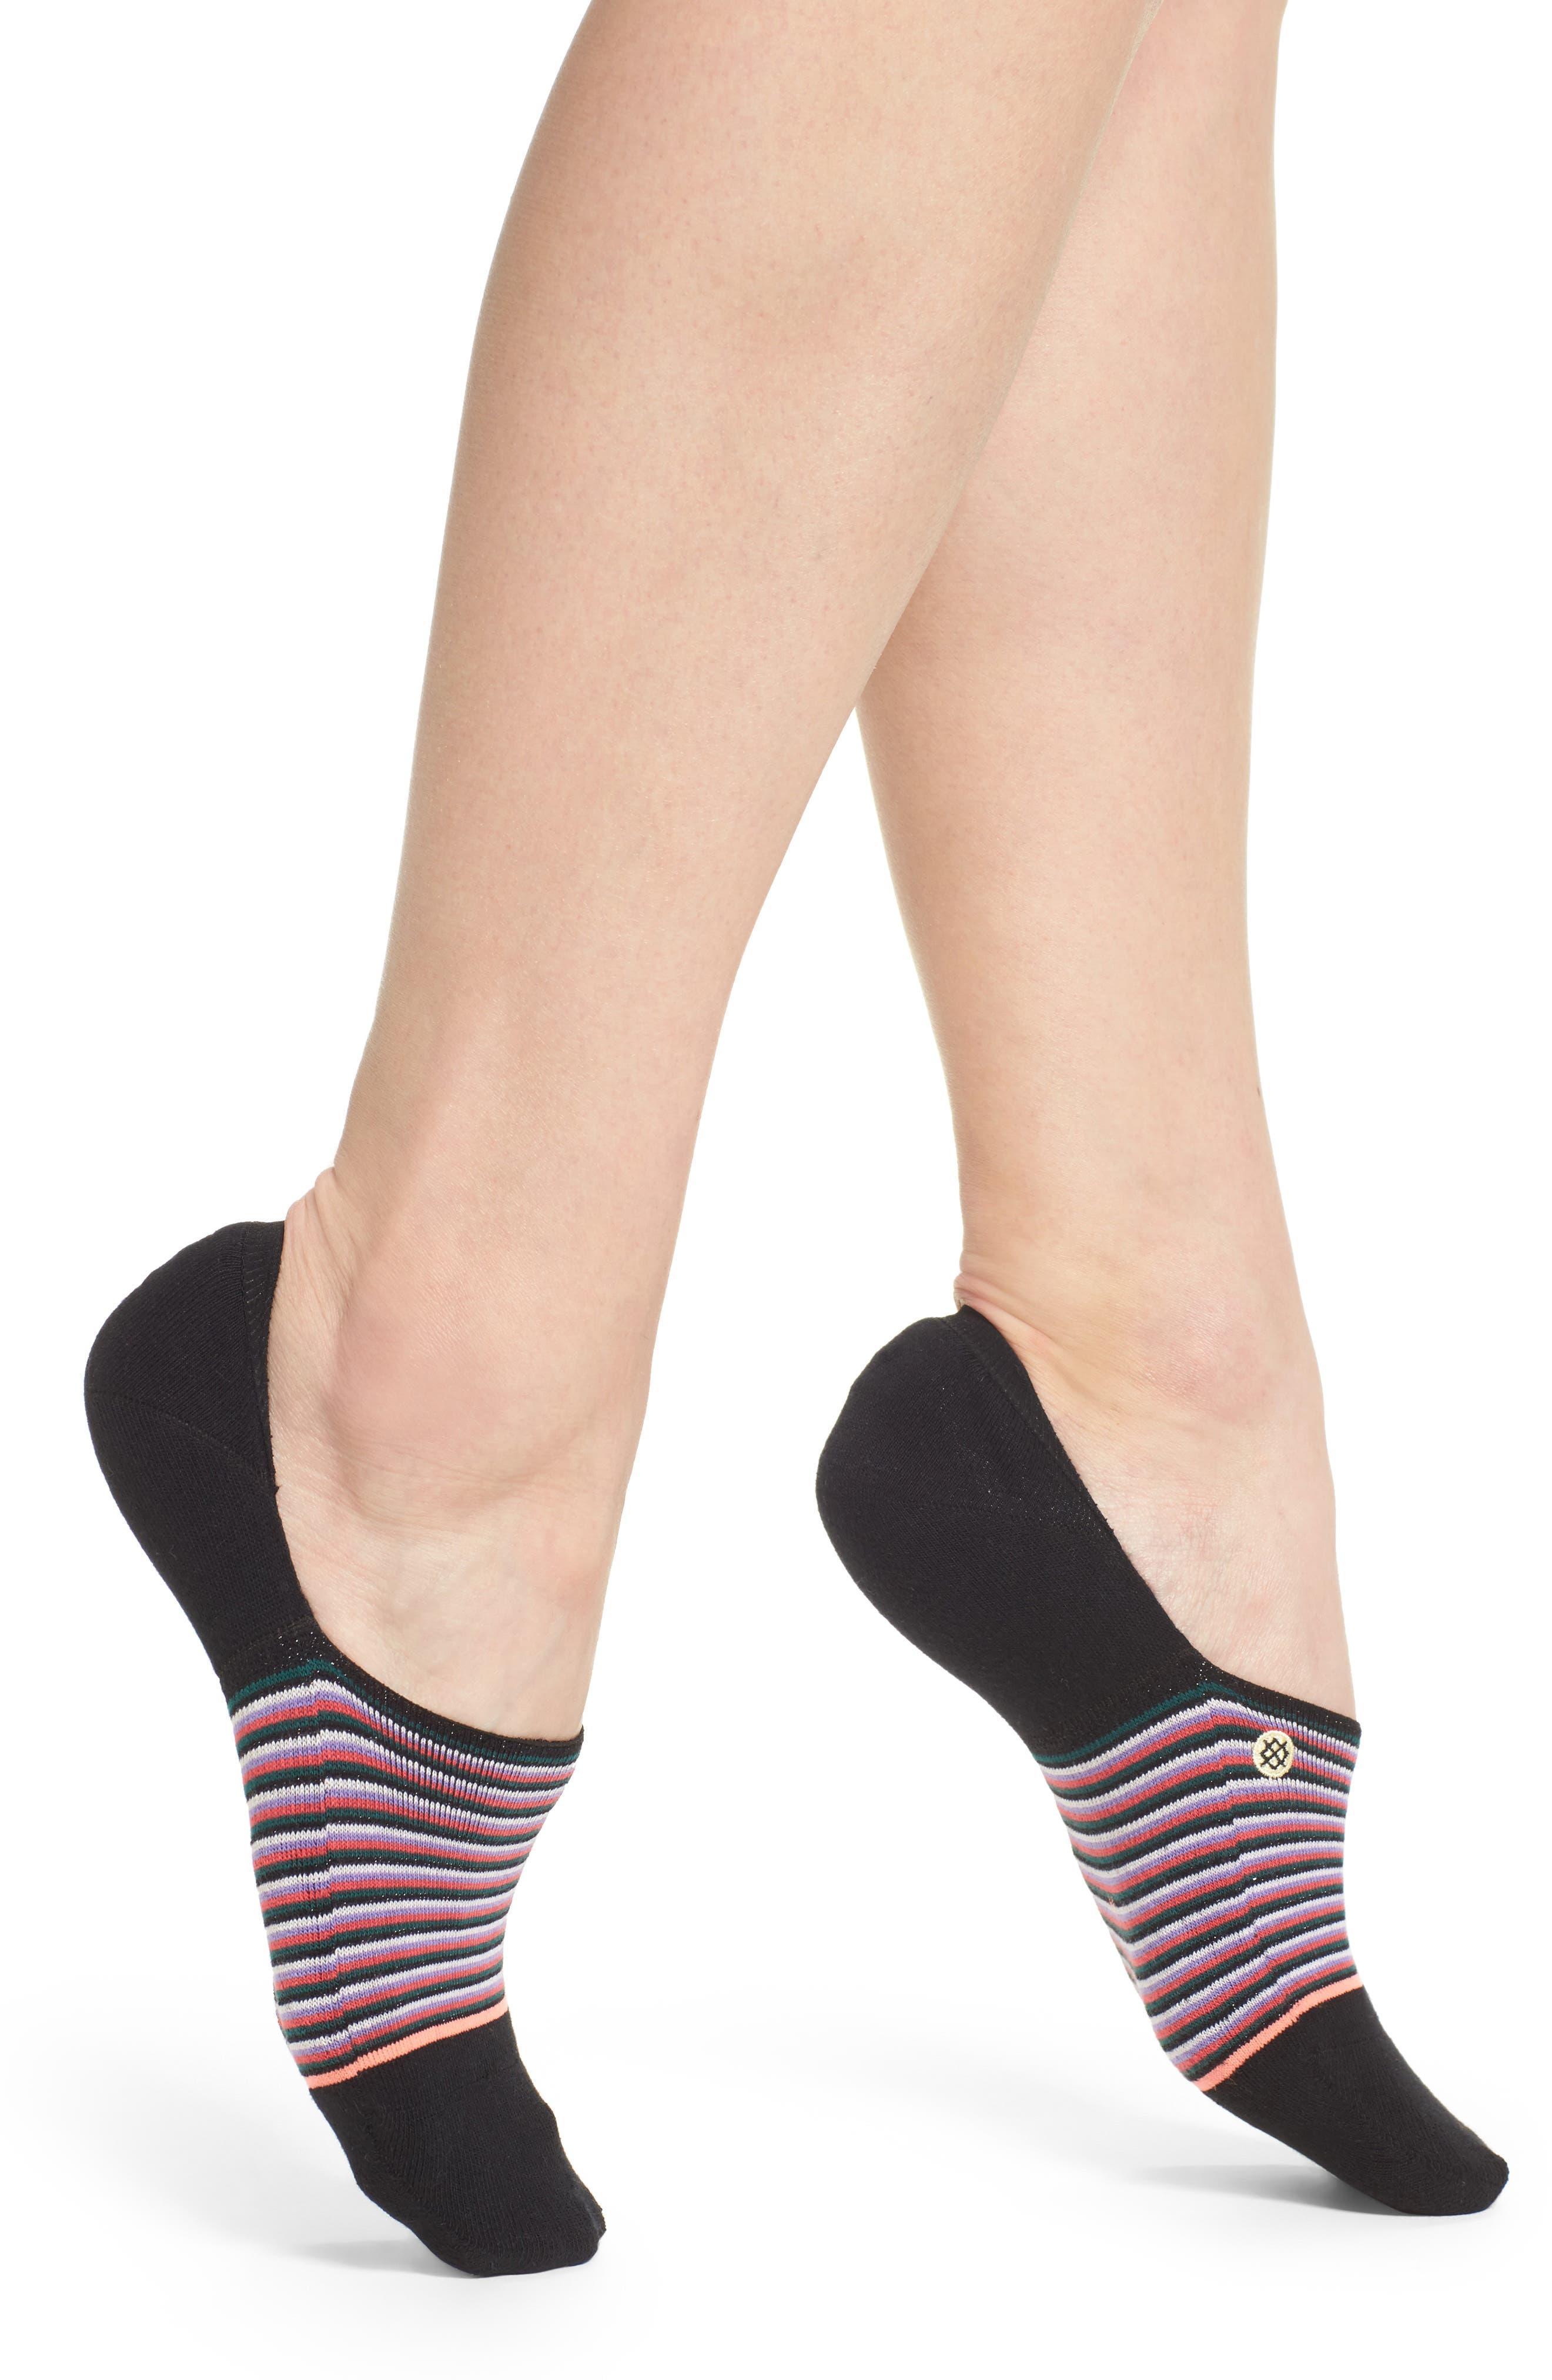 Summerland No-Show Socks,                             Main thumbnail 1, color,                             001